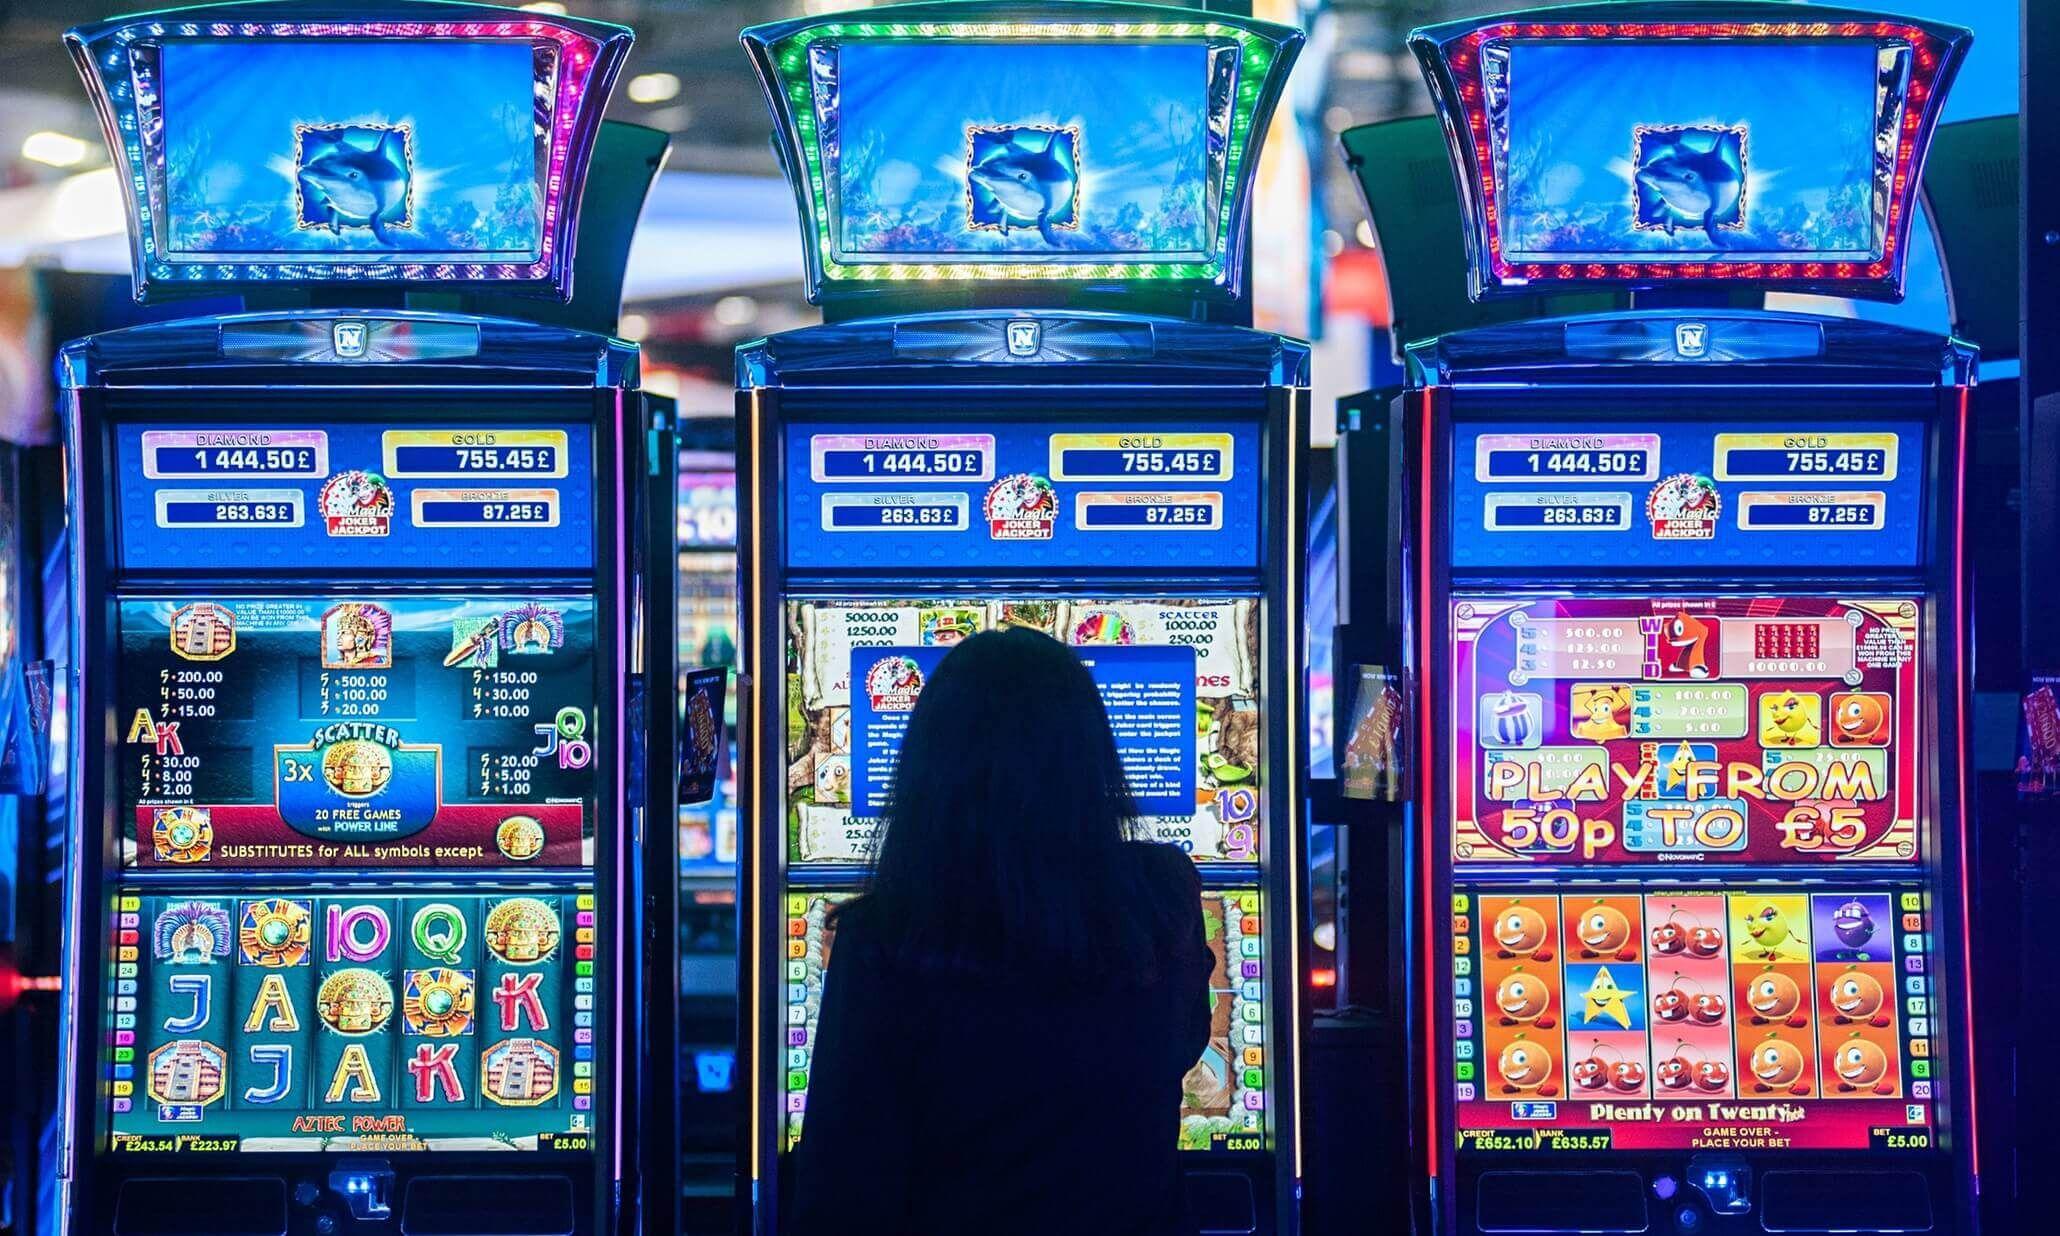 Игровые автоматы онлайн на реальные деньги скачать бесплатно на игровые автоматы играть выводом денег slotmachonoff pro